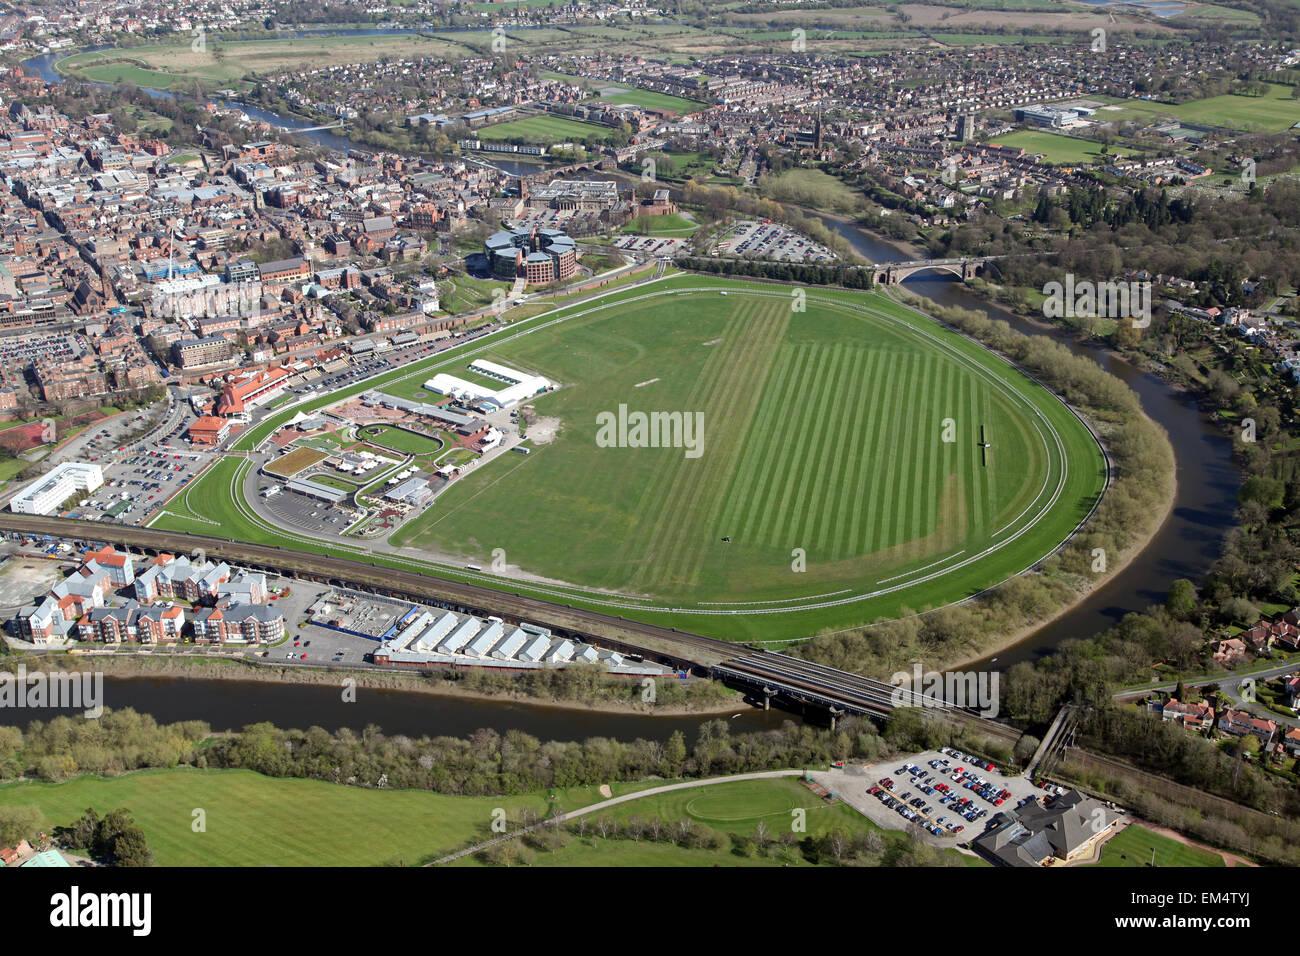 Vista aérea de Chester Racecourse, conocido como el Roodee en Cheshire, Reino Unido Imagen De Stock